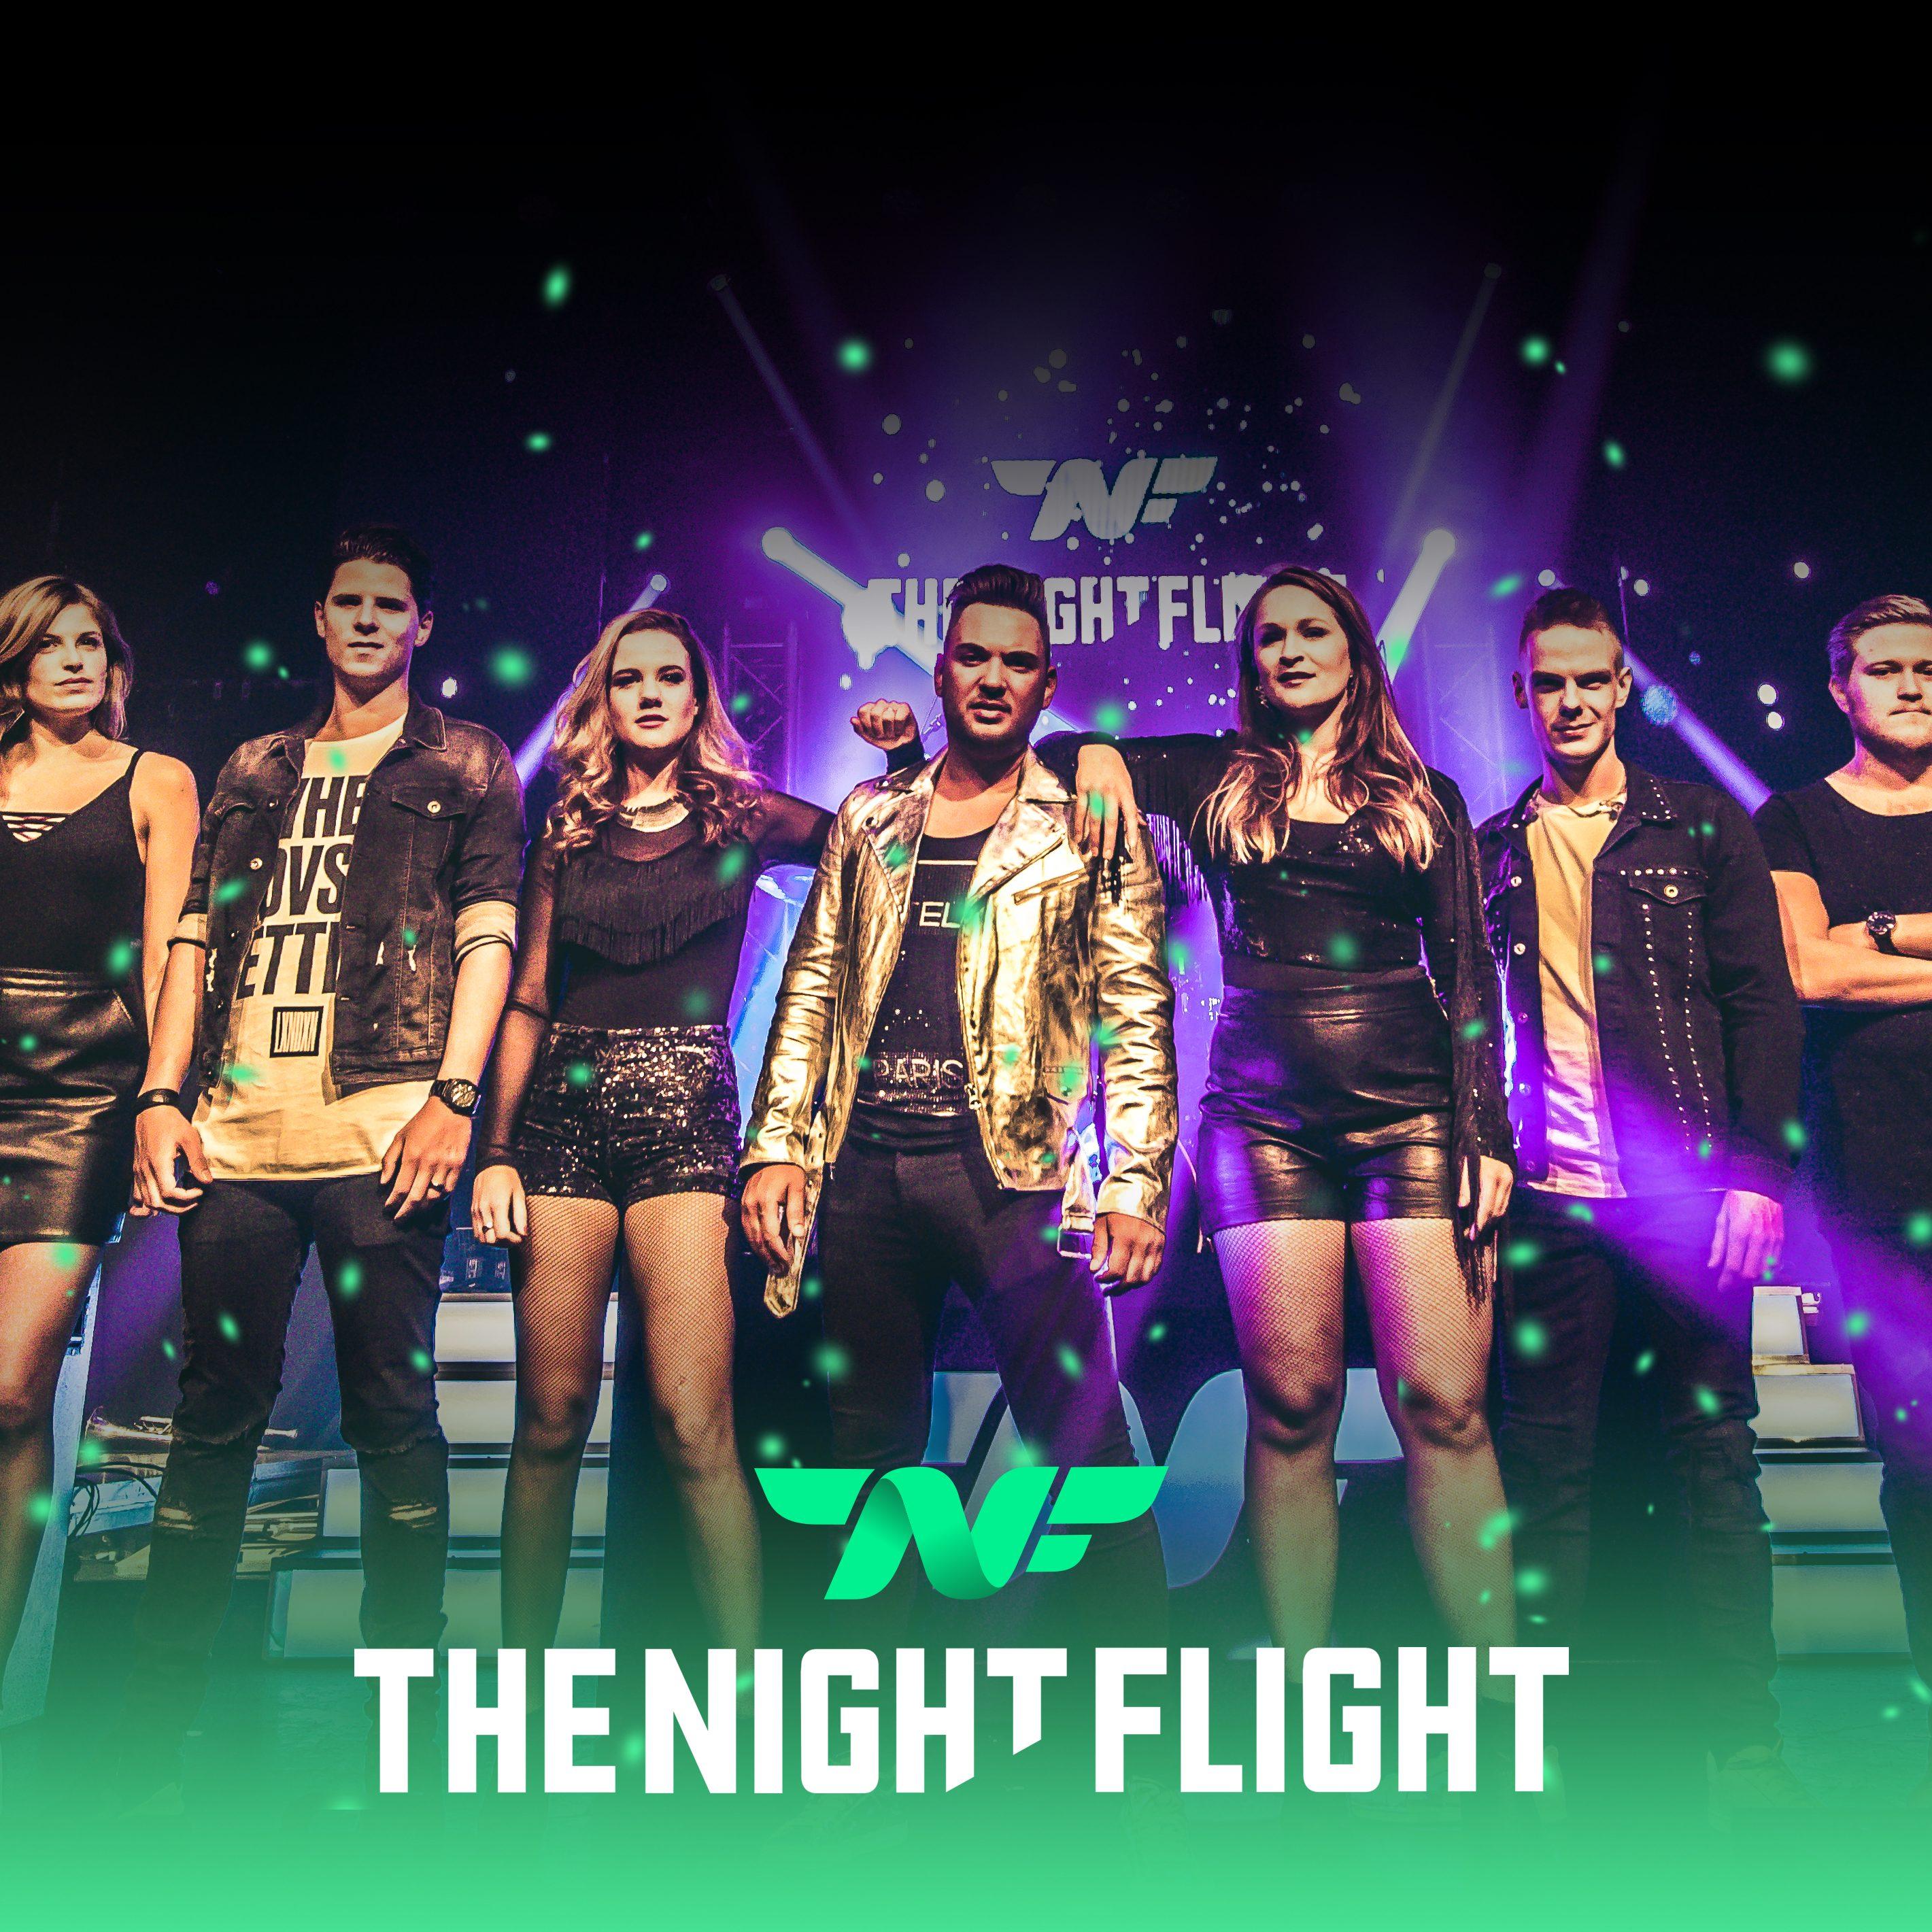 Wil jij een geweldige live band boeken, dansen tot je niet meer kan... The Night Flight maakt er een feestje van. Boek nu via boekingsbureau de V.I.P. fabriek.